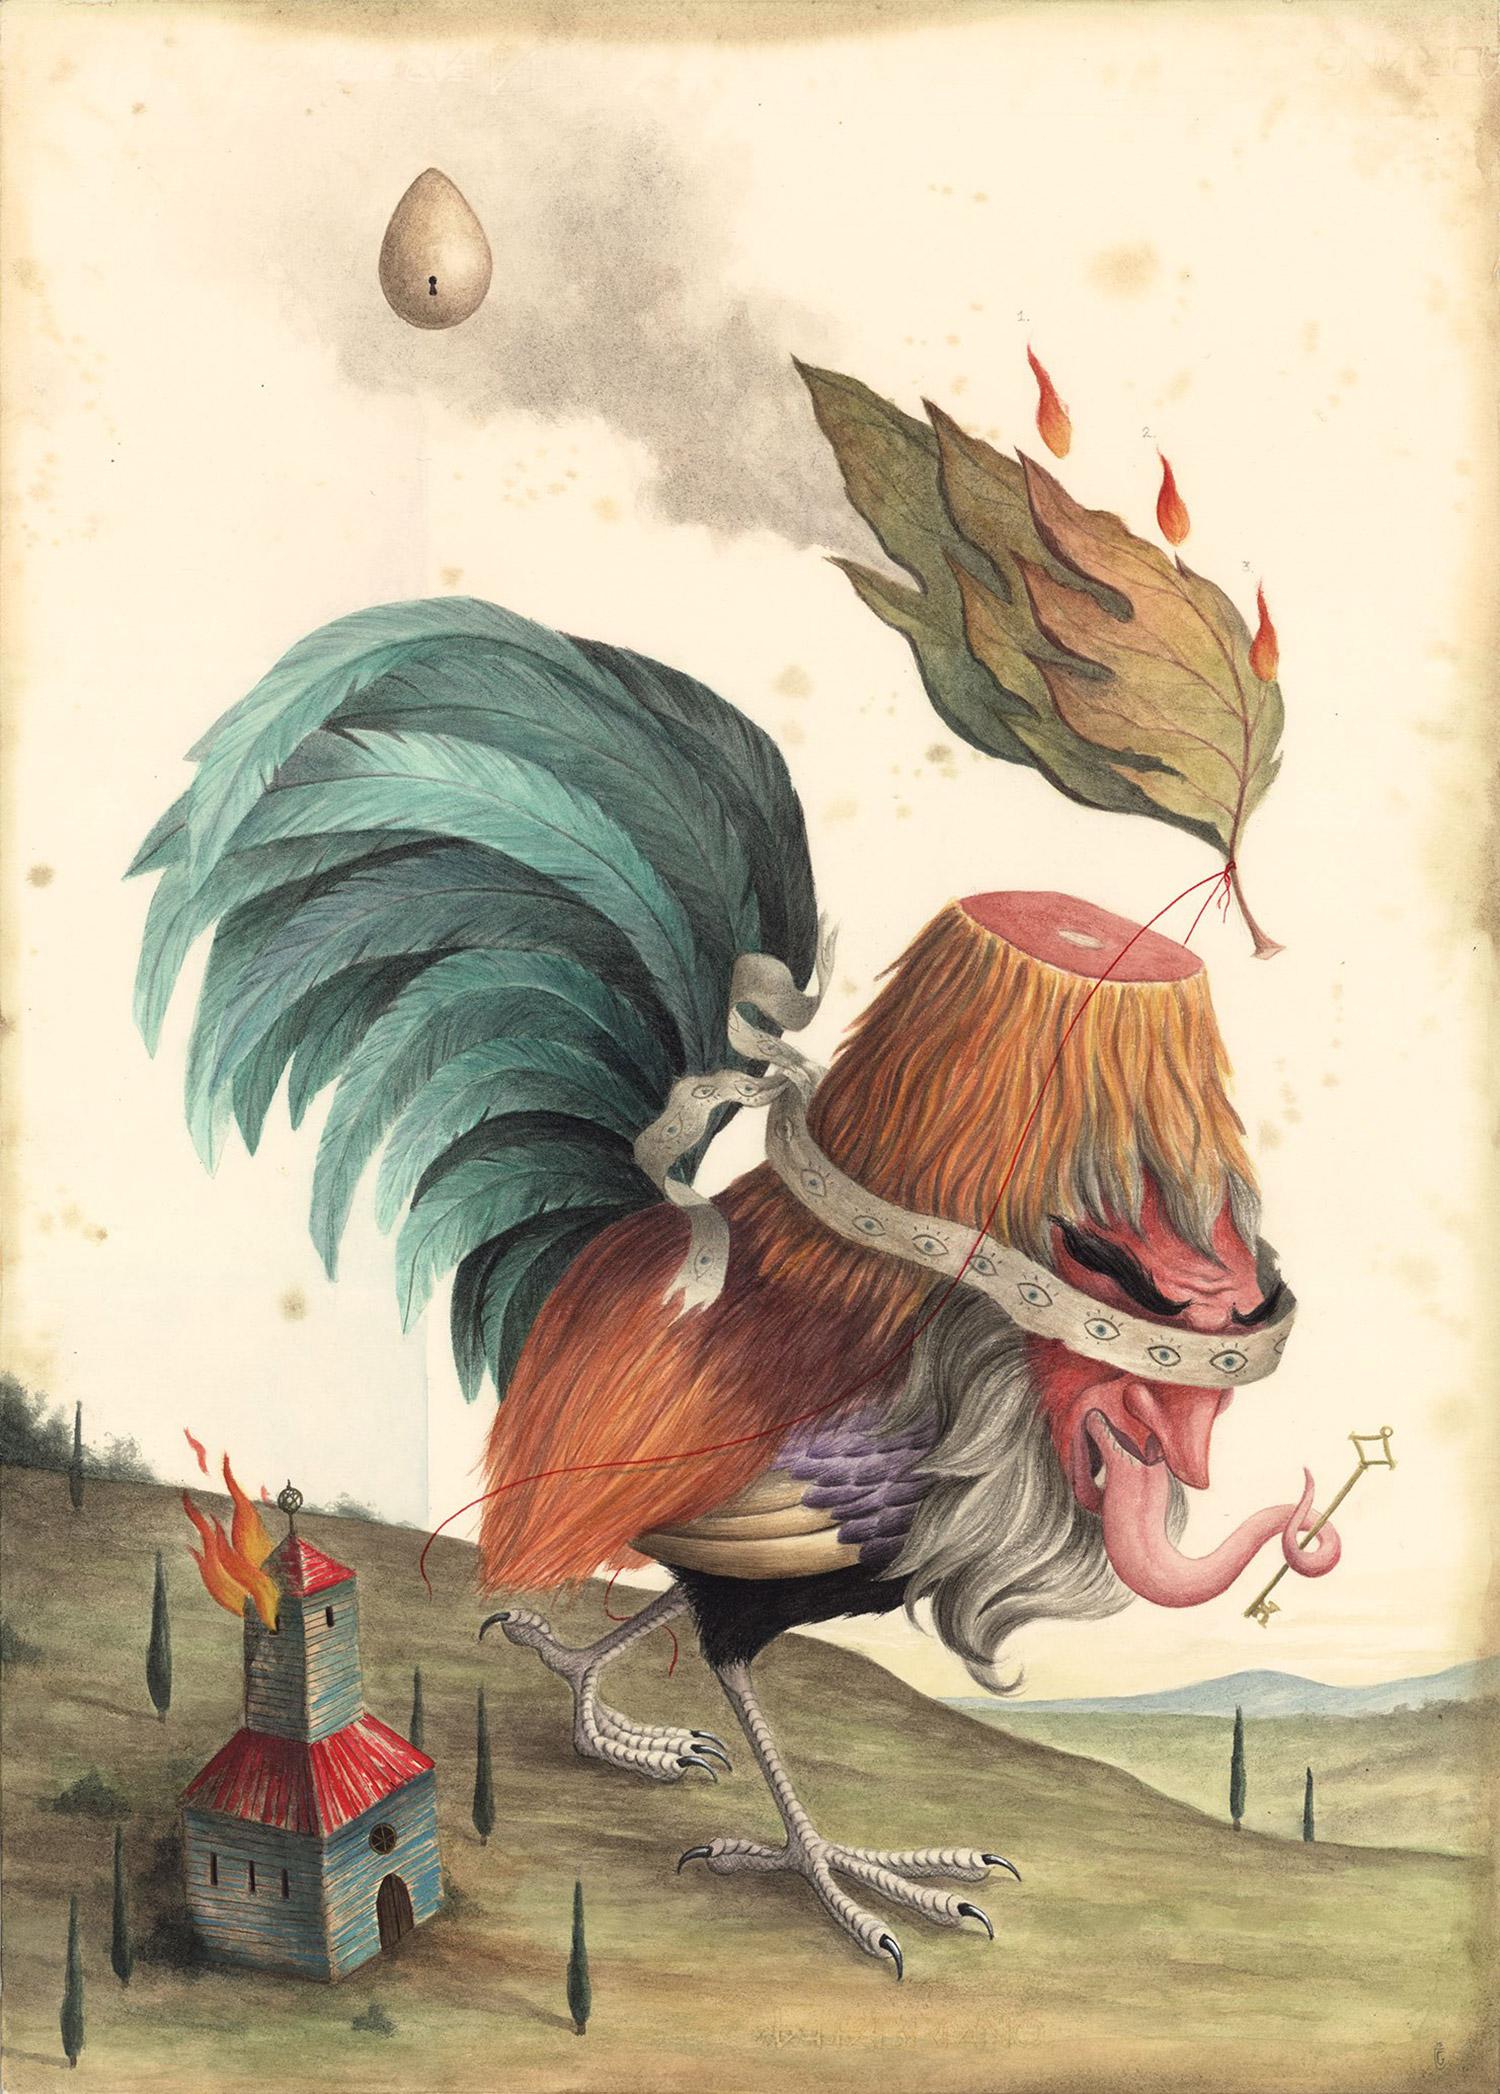 El Gato Chimney - The Oracle